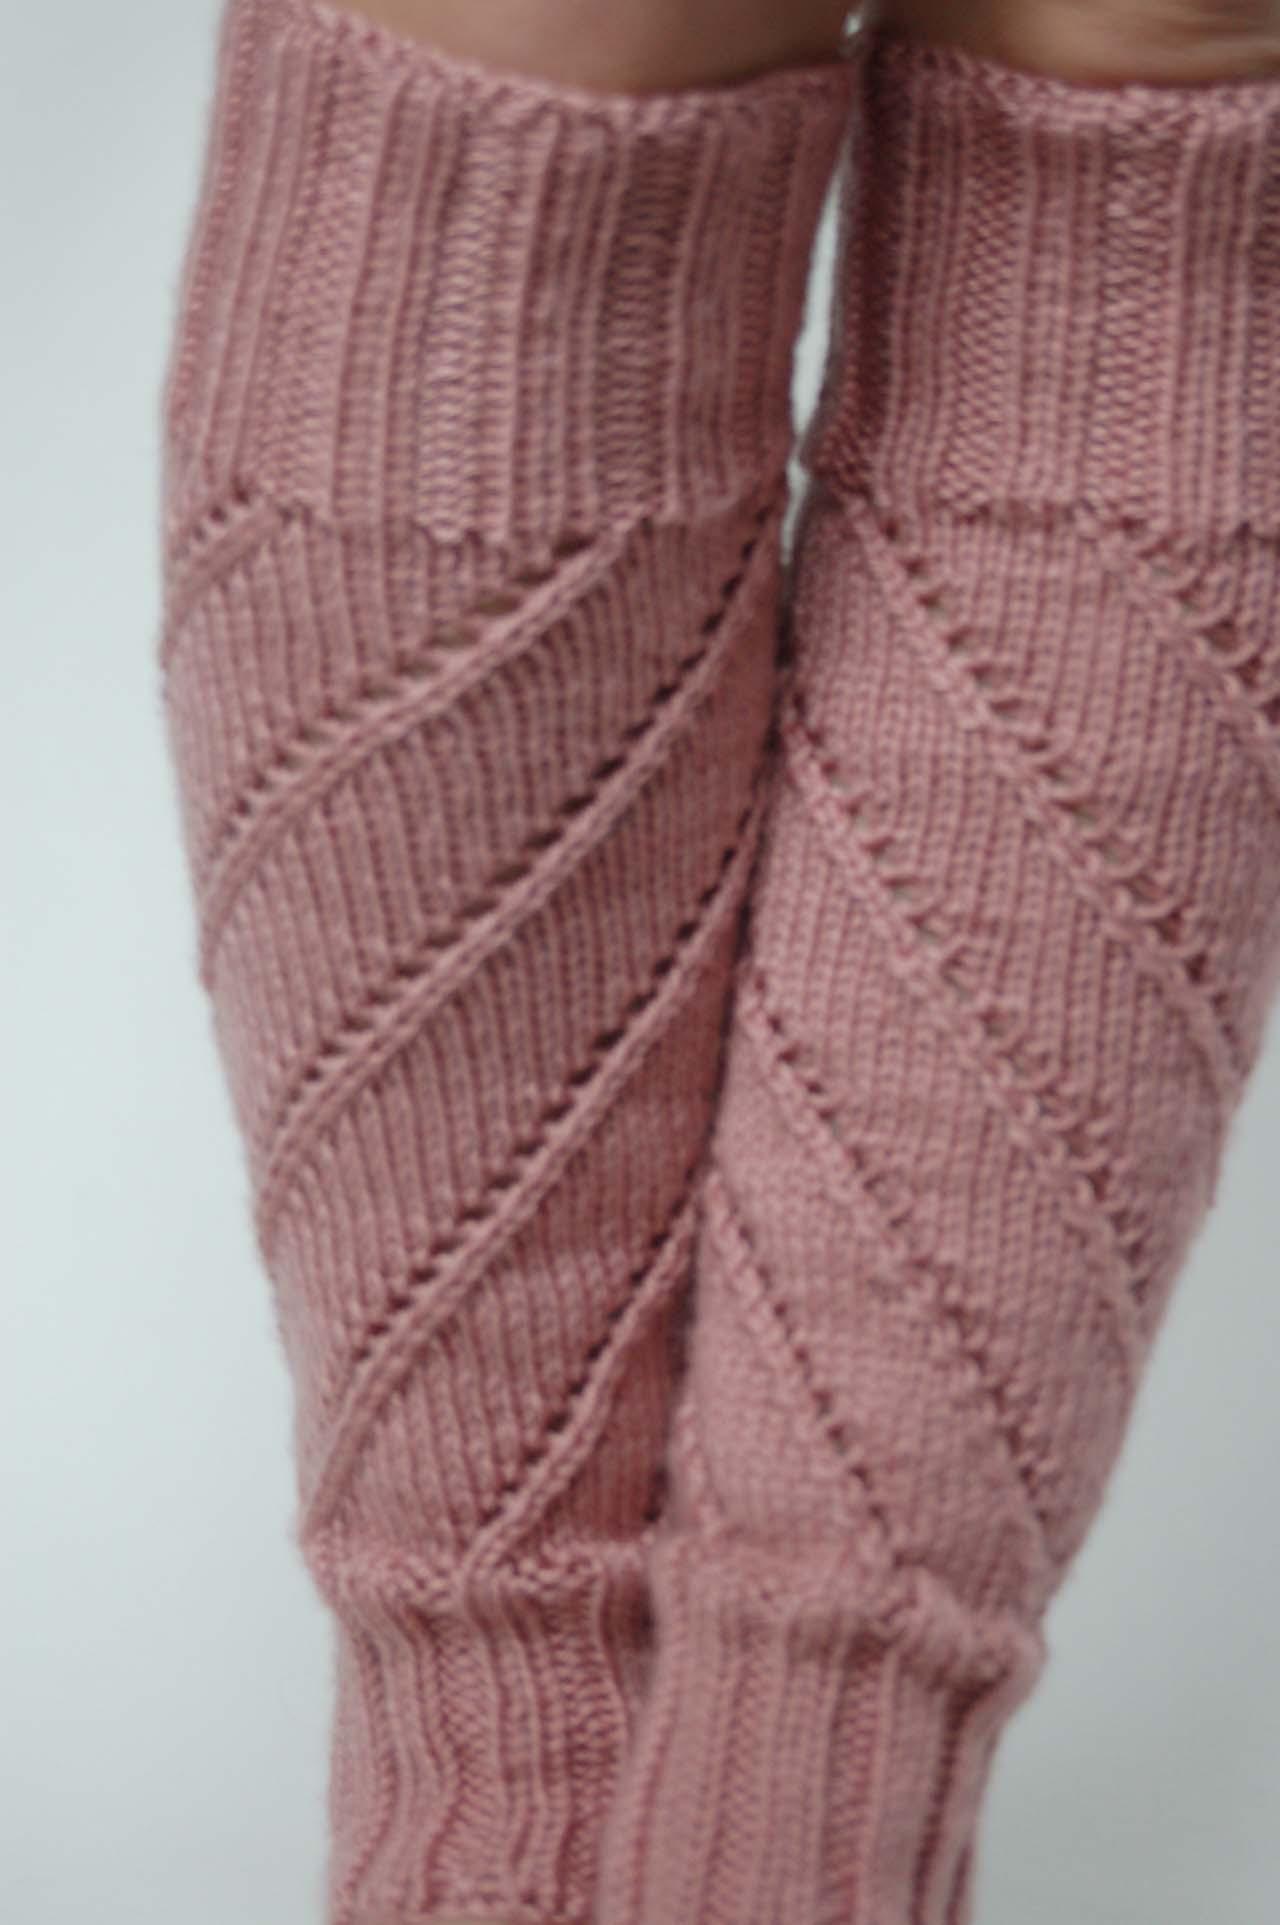 Knitting Patterns Galore - Spiral Legwarmers